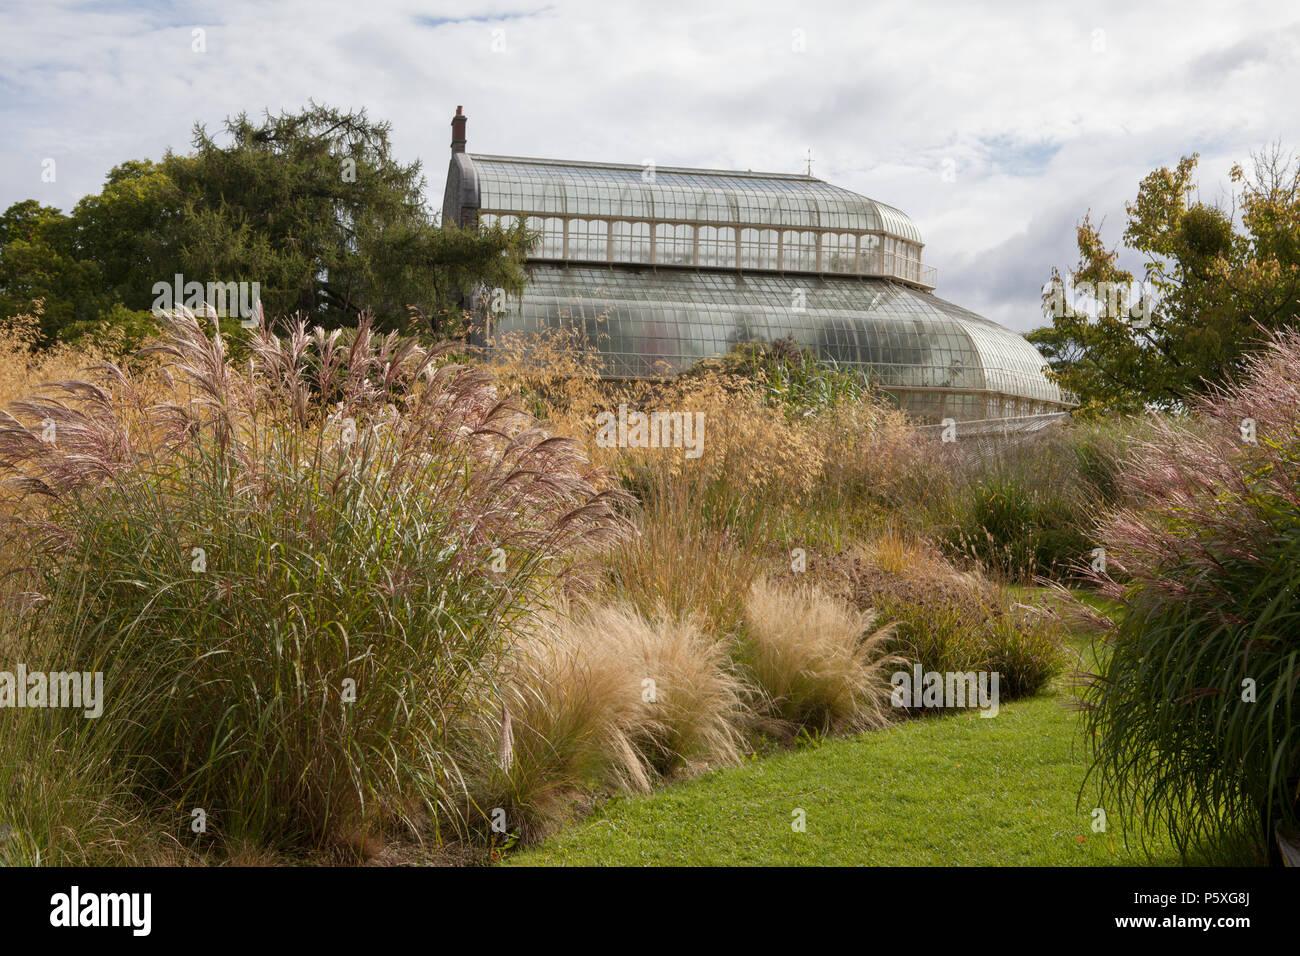 National Botanic Gardens Of Ireland Stock Photos & National Botanic ...